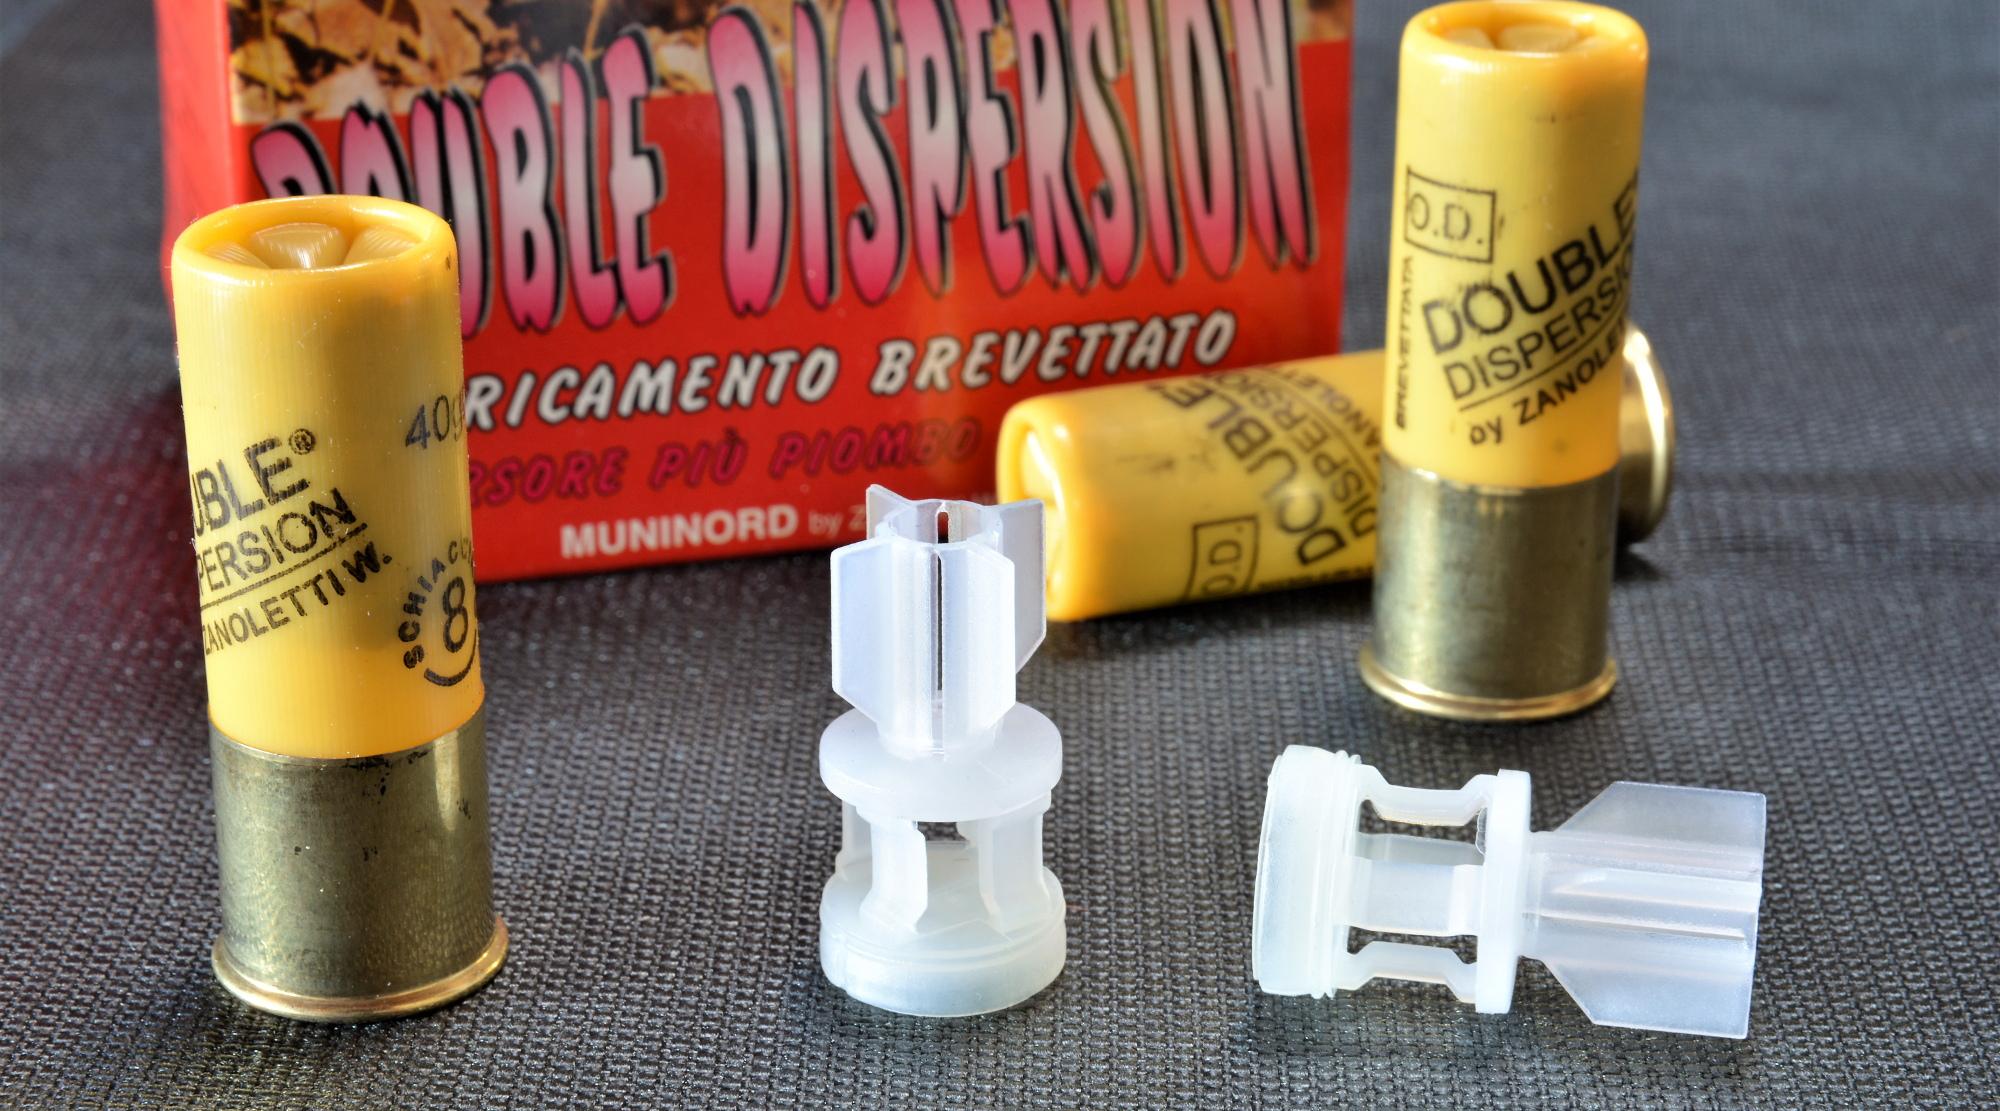 Zanoletti Double Dispersion calibro 12 il test